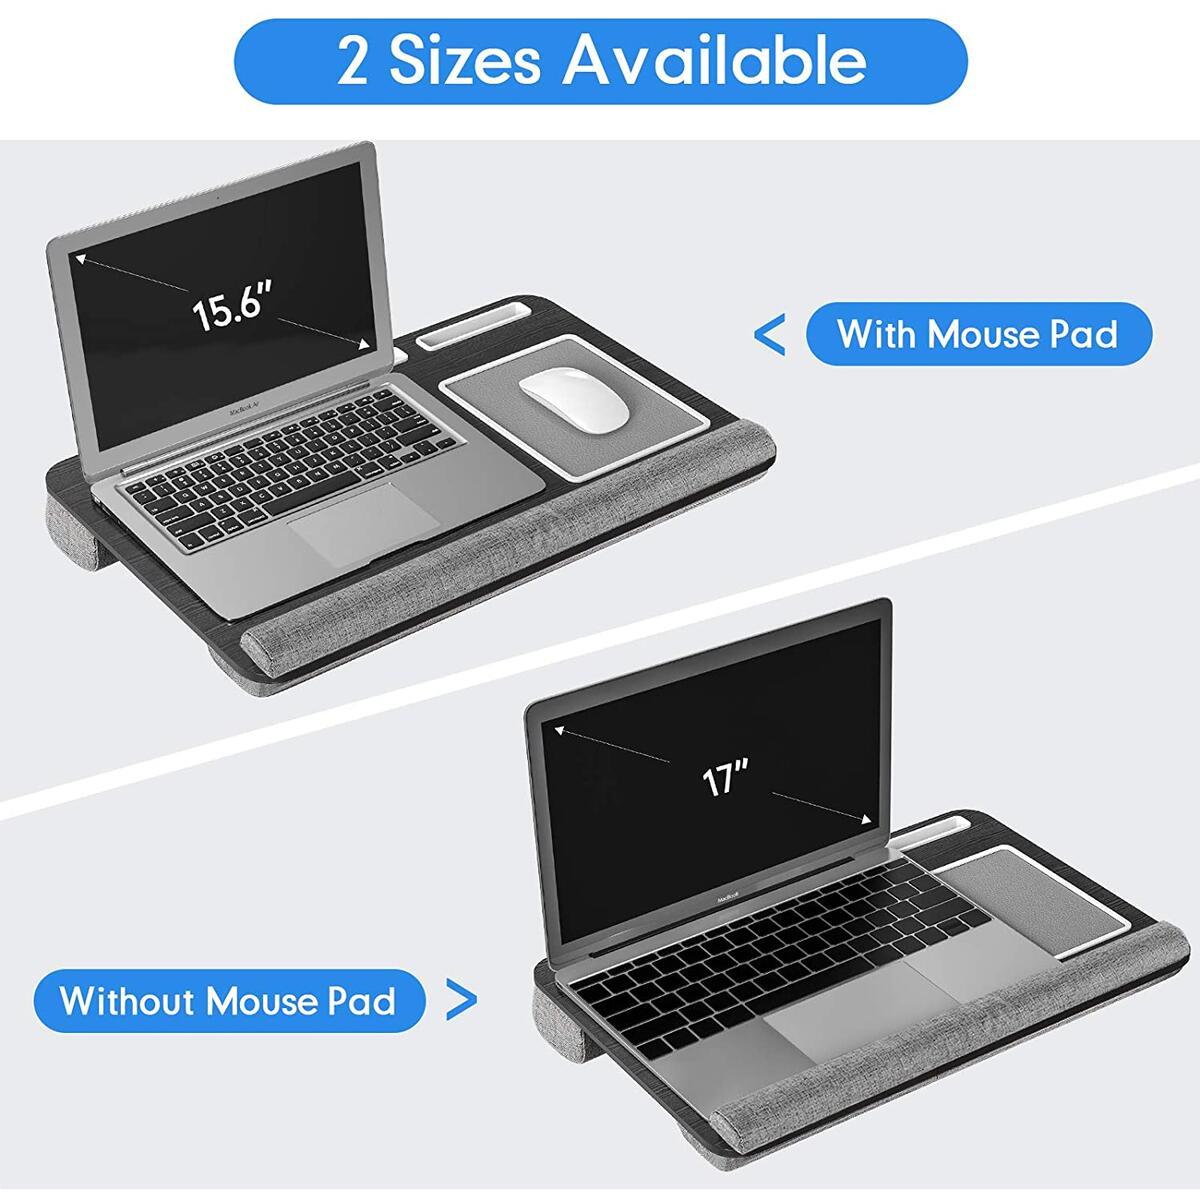 AboveTEK Lap Desk, Home Office Laptop Desk with Tablet, Pen & Phone Holder, Computer Lap Desk Fits up to 17